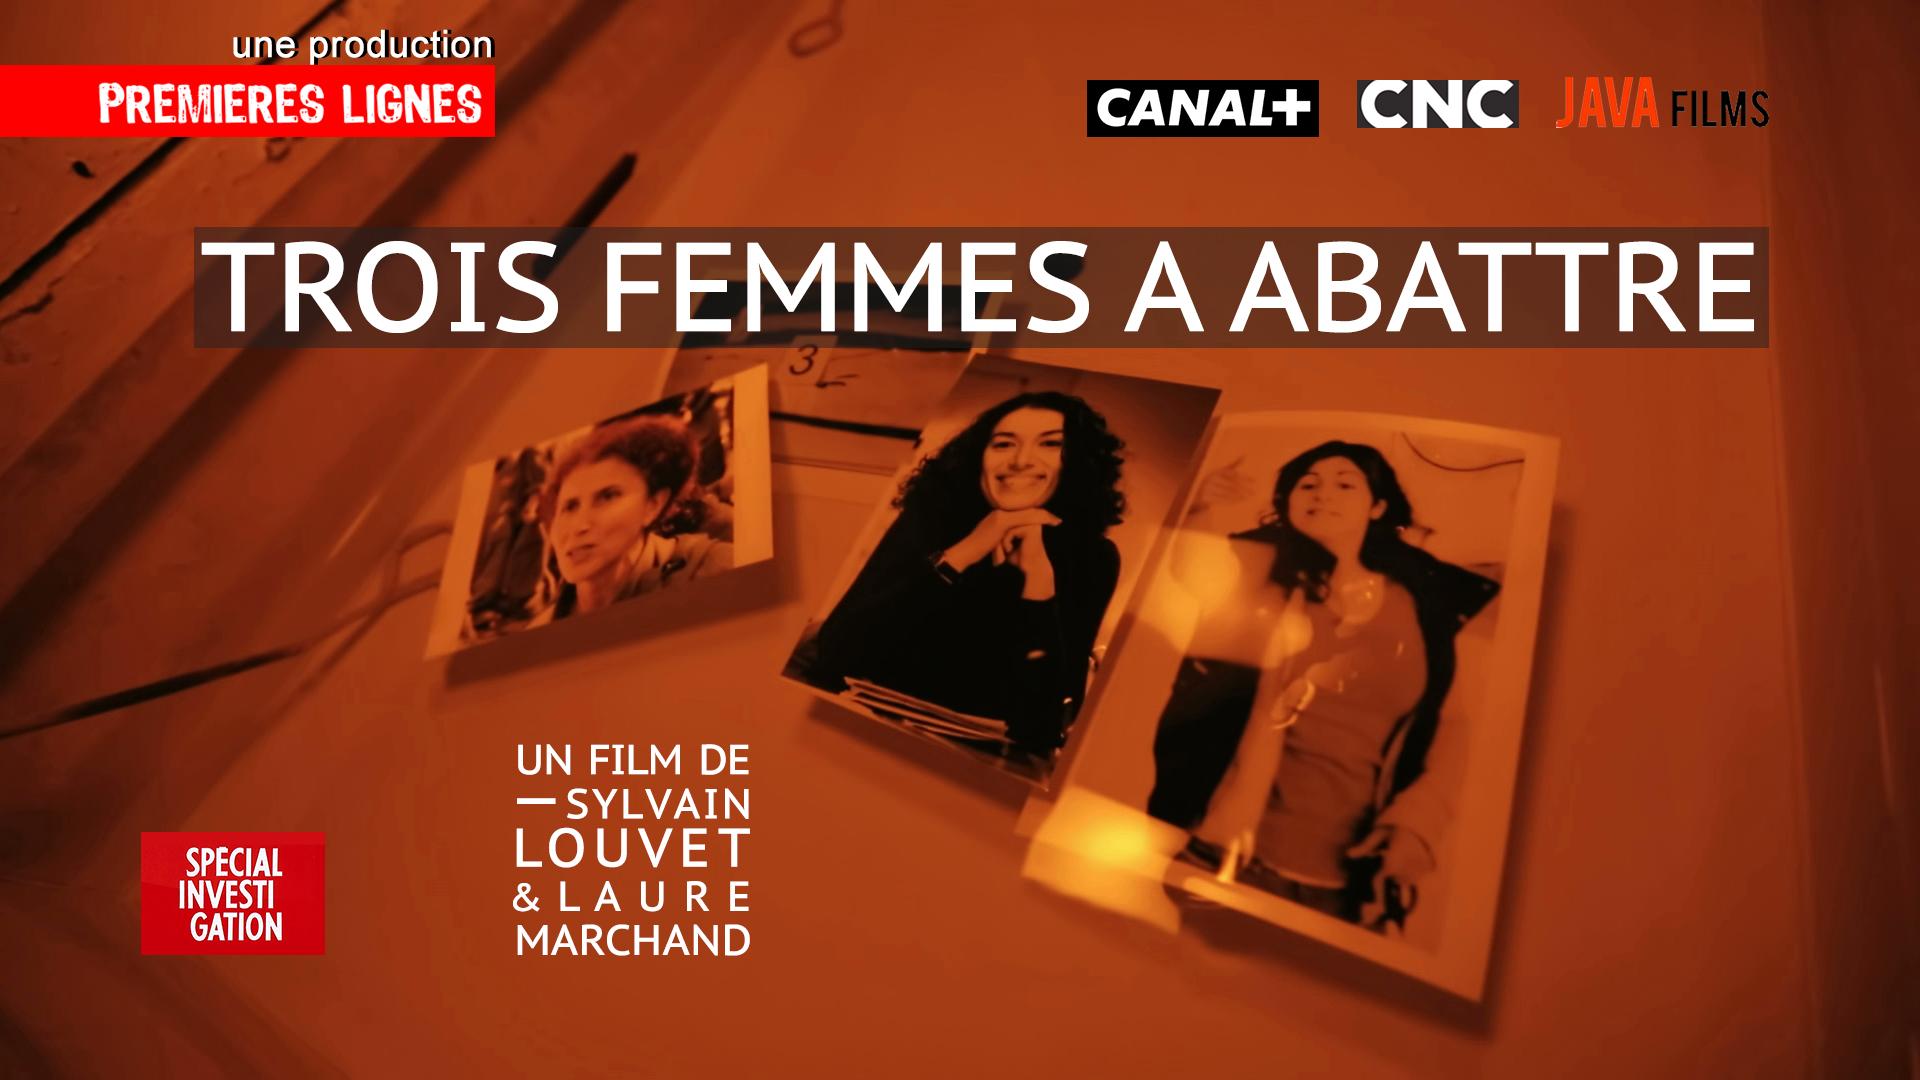 3 femmes aff1